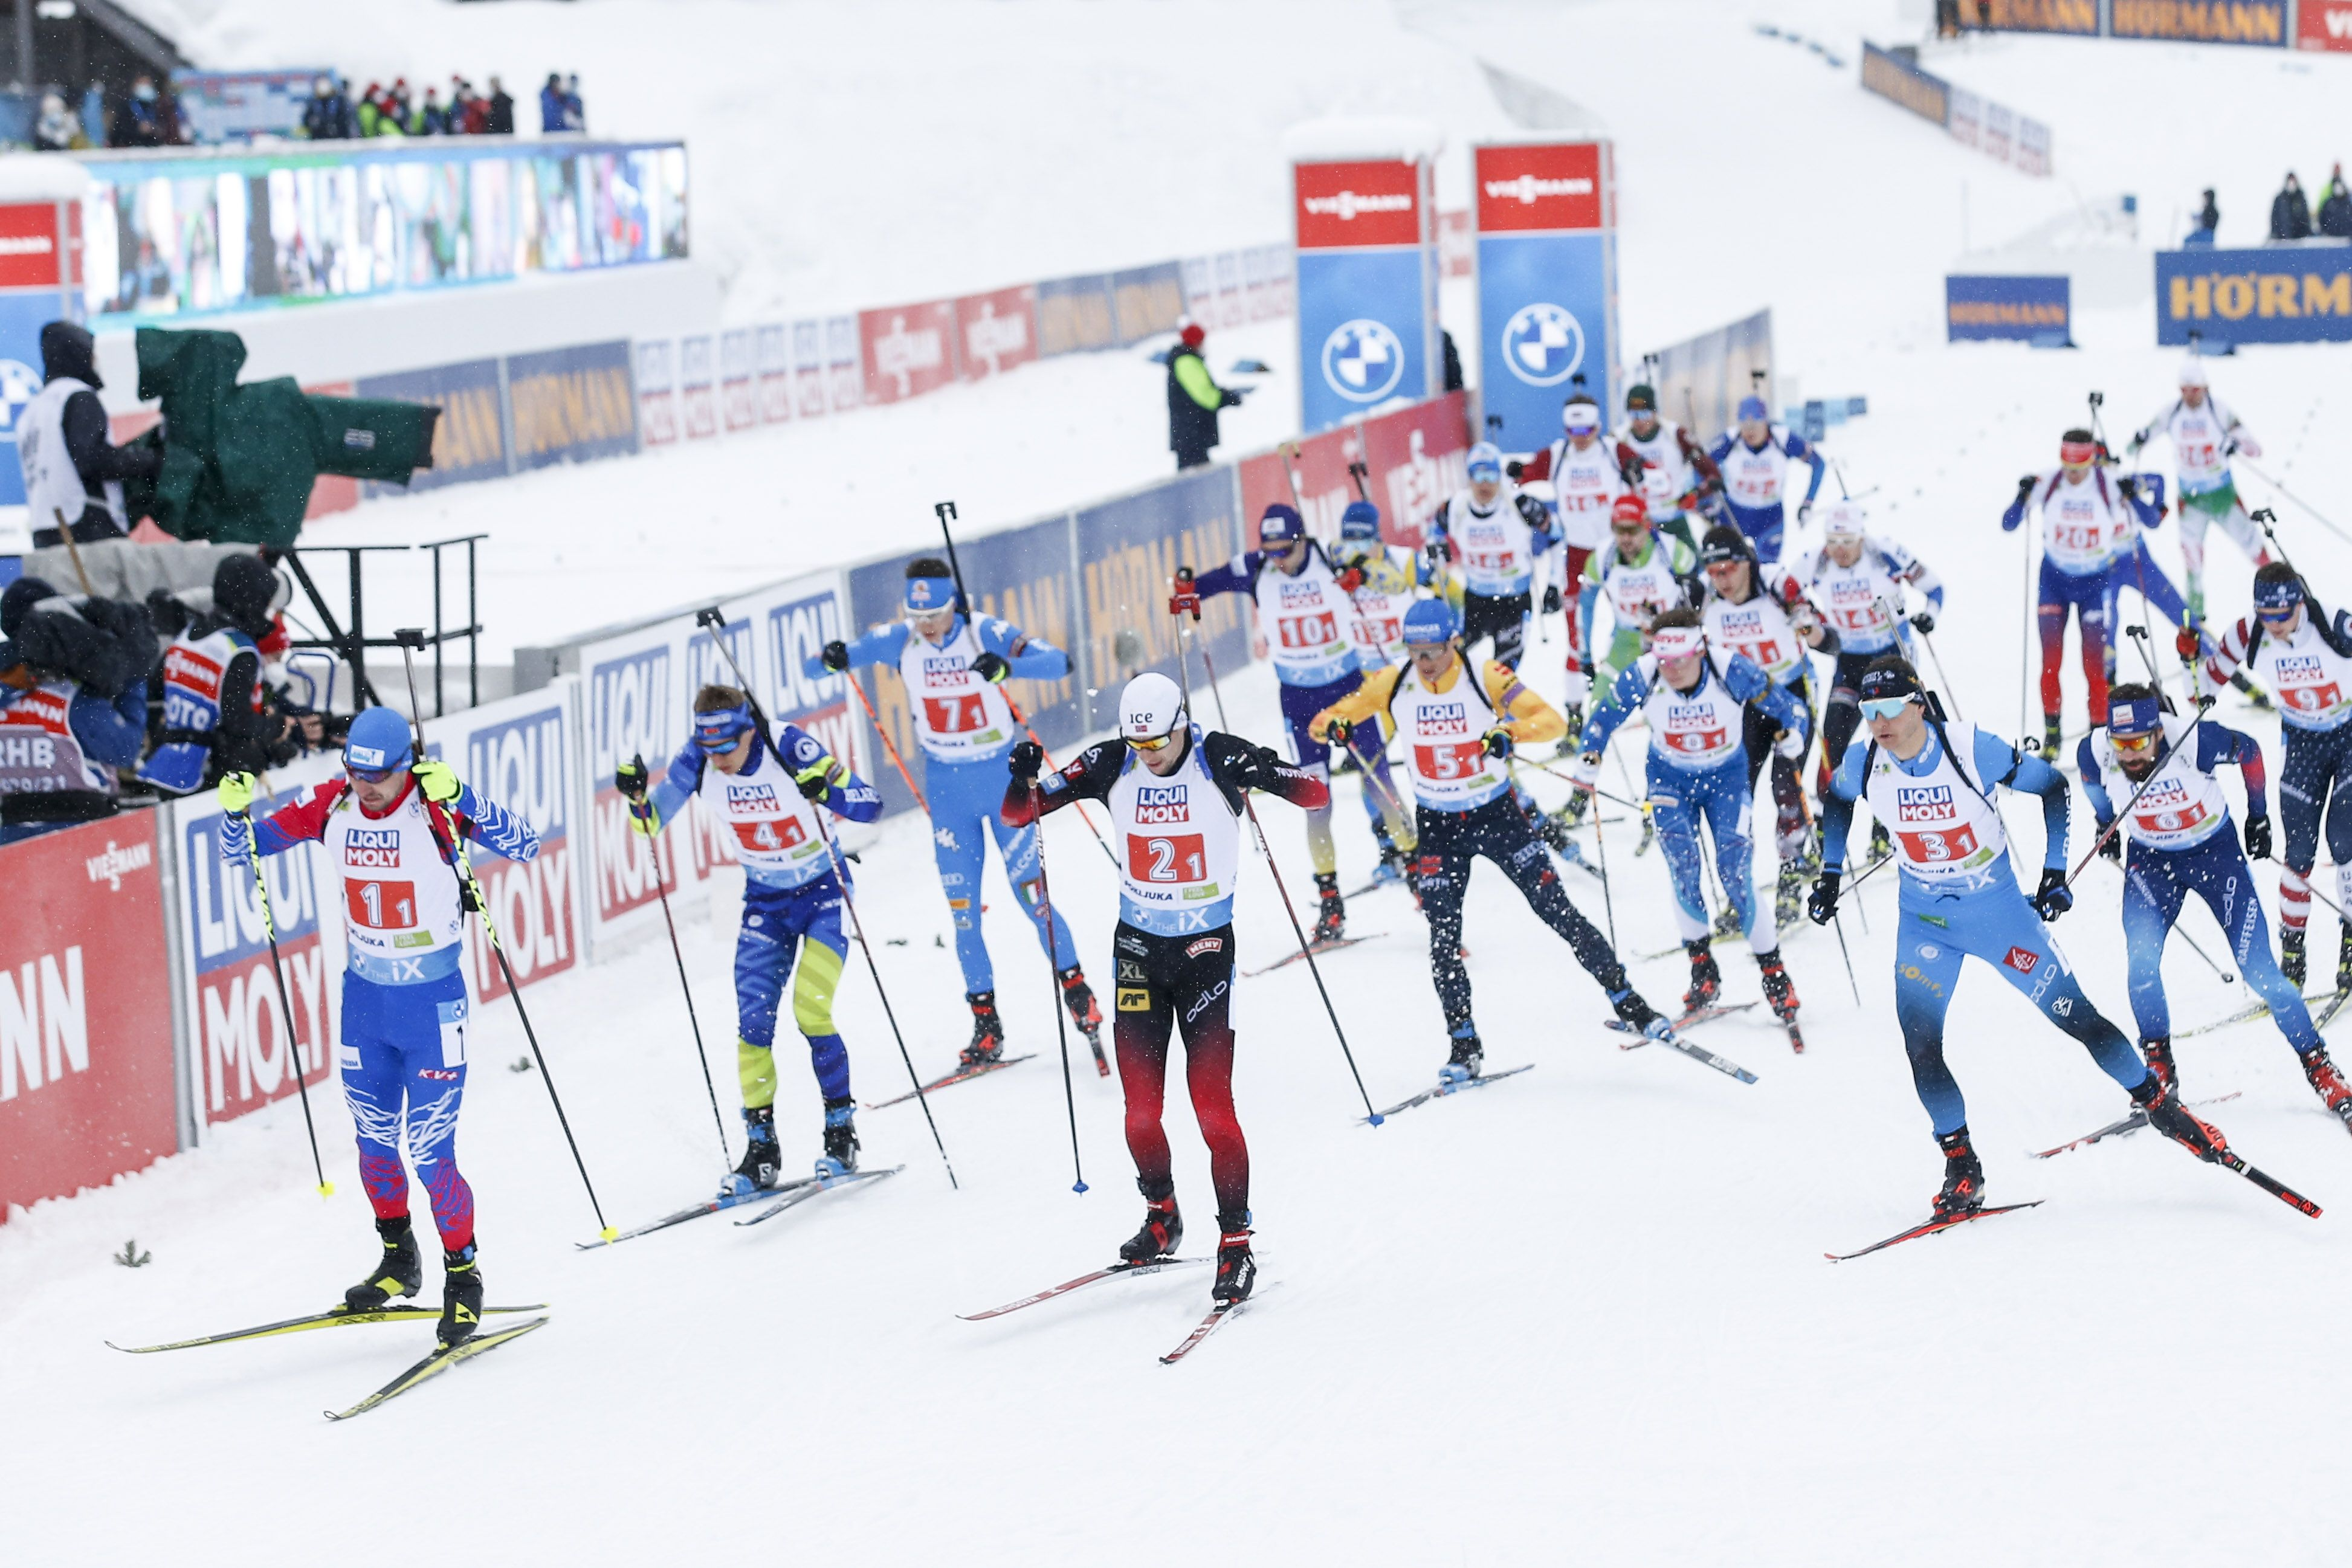 Польховский ответил экспертам, критикующим подготовку сборной к ЧМ в Поклюке